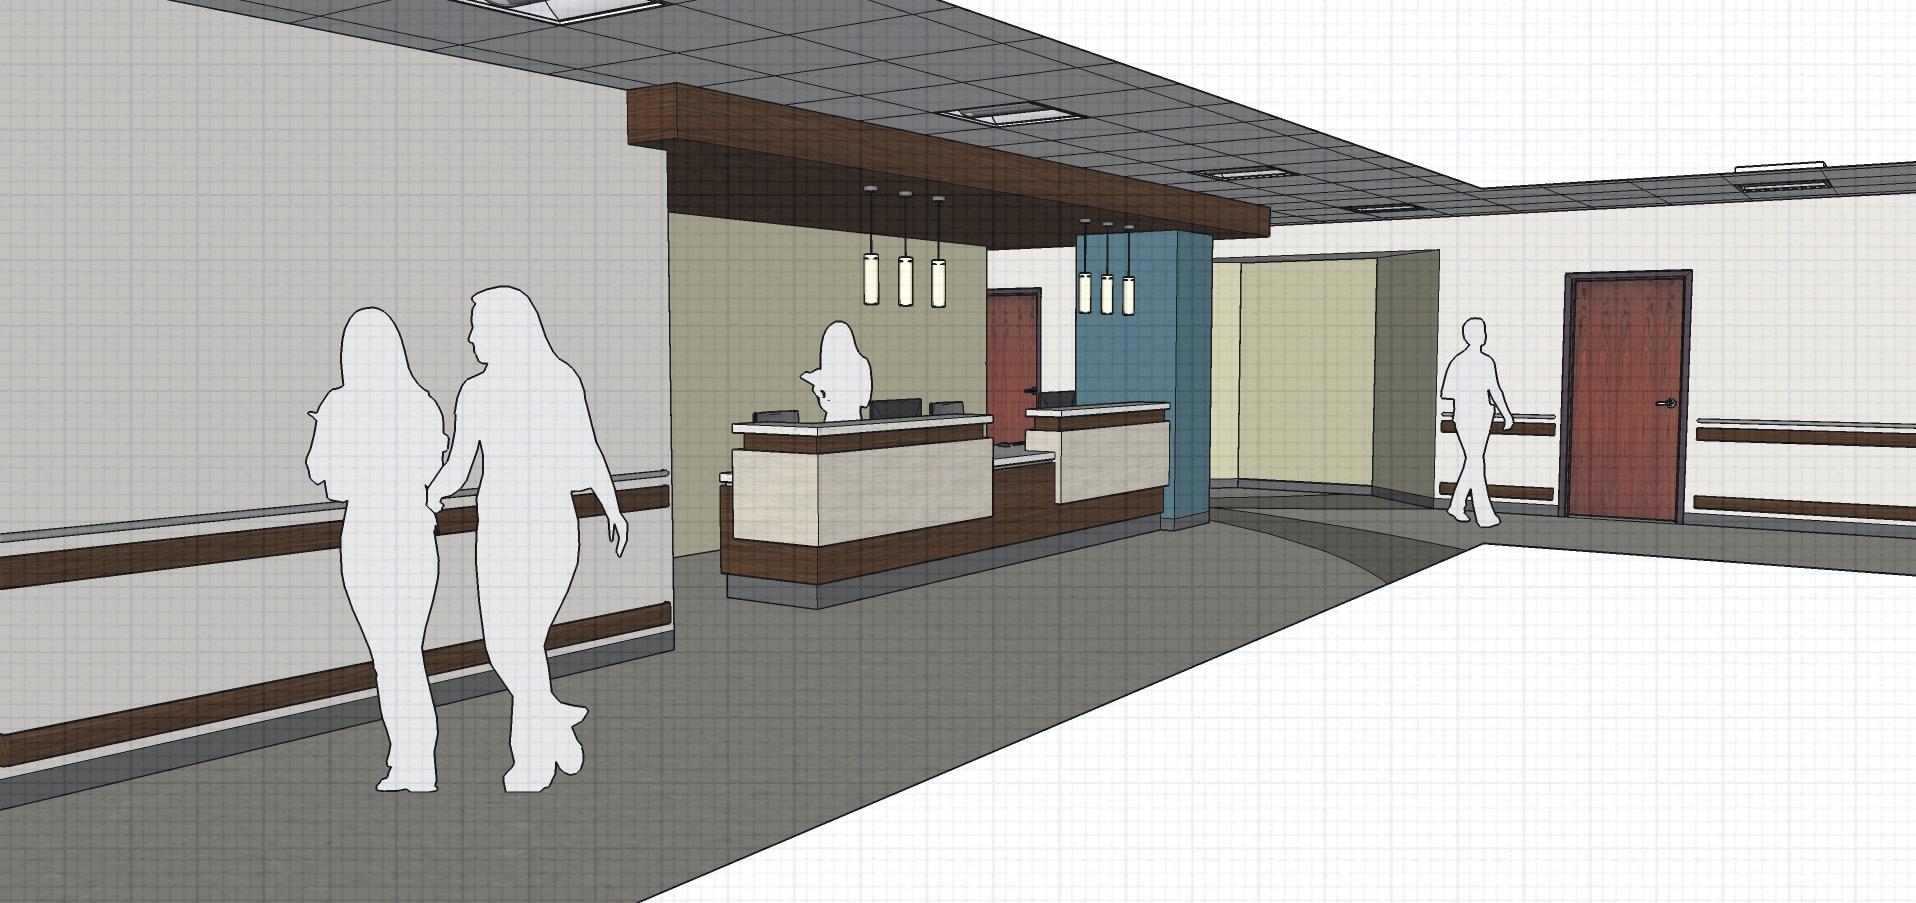 Rendering - Nurse Desk Area - Per Contract Mod.jpg